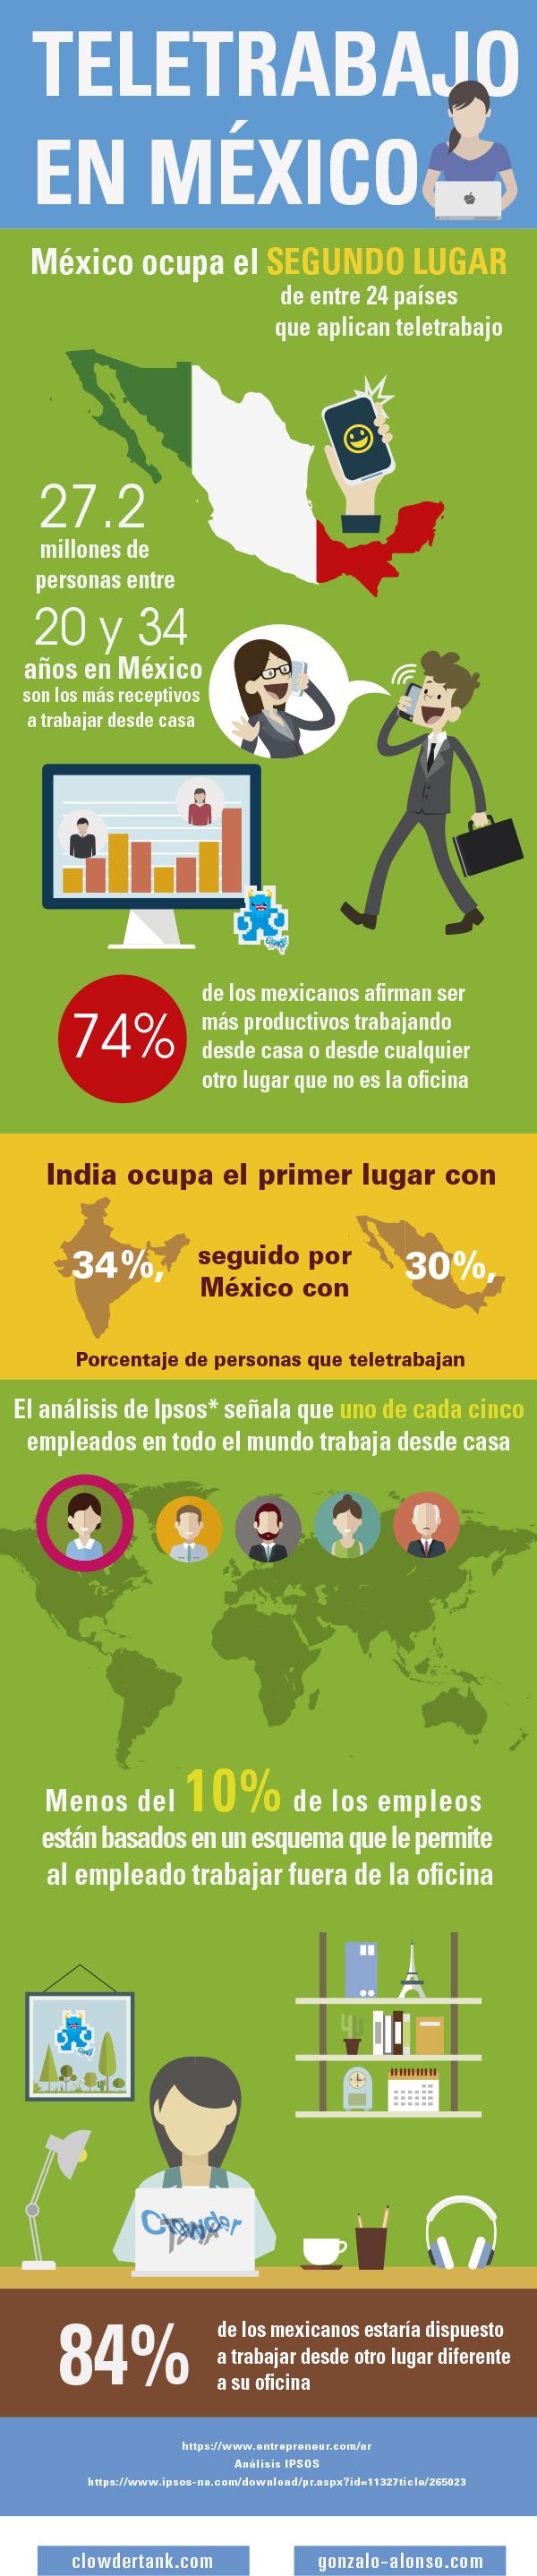 teletrabajo o teleccomuting en México